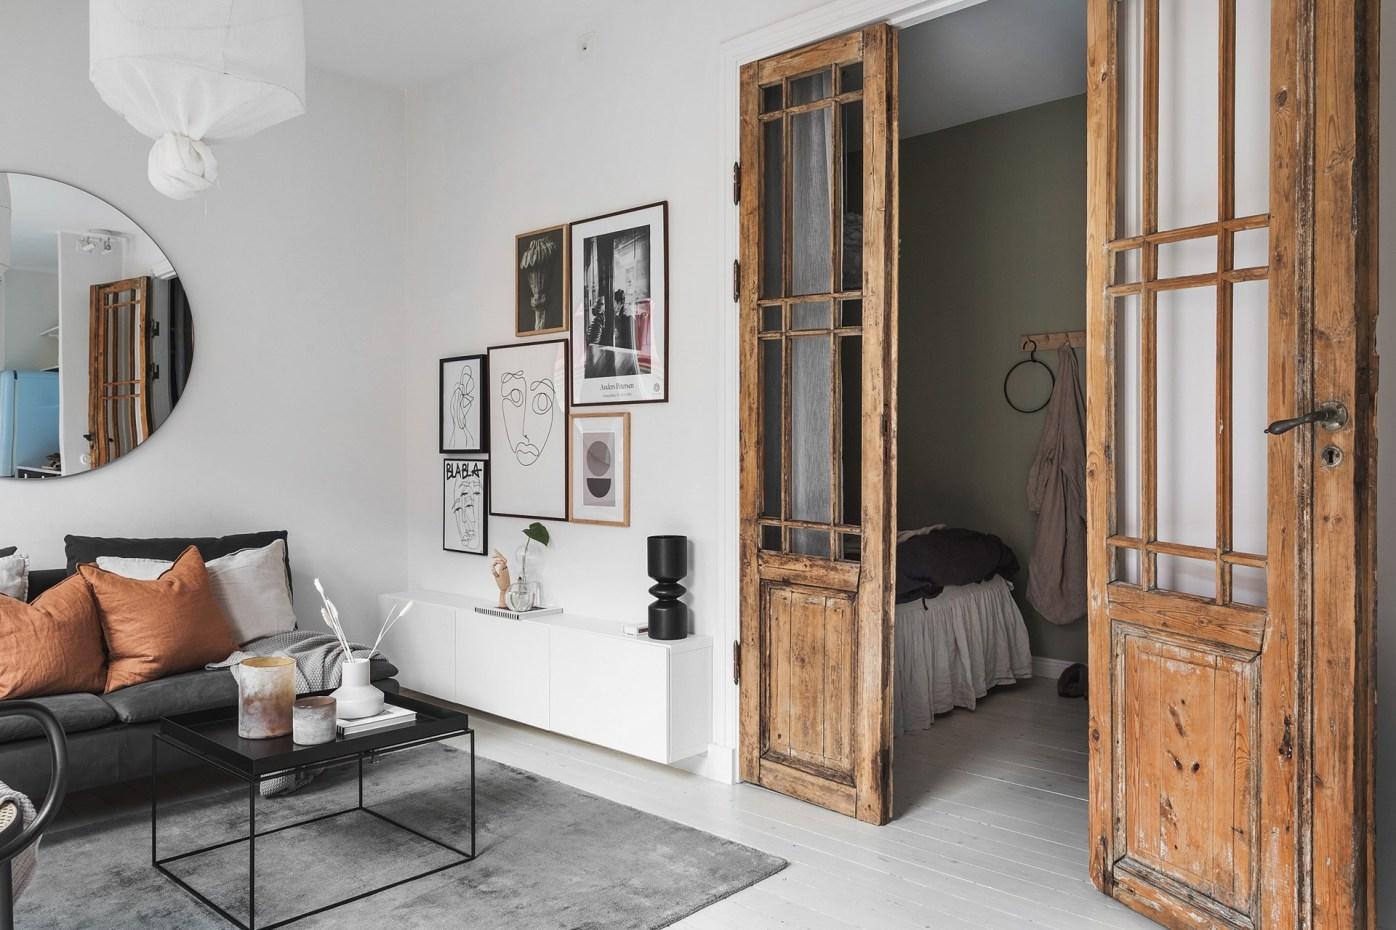 квартира 40 квм спальня распашные двери